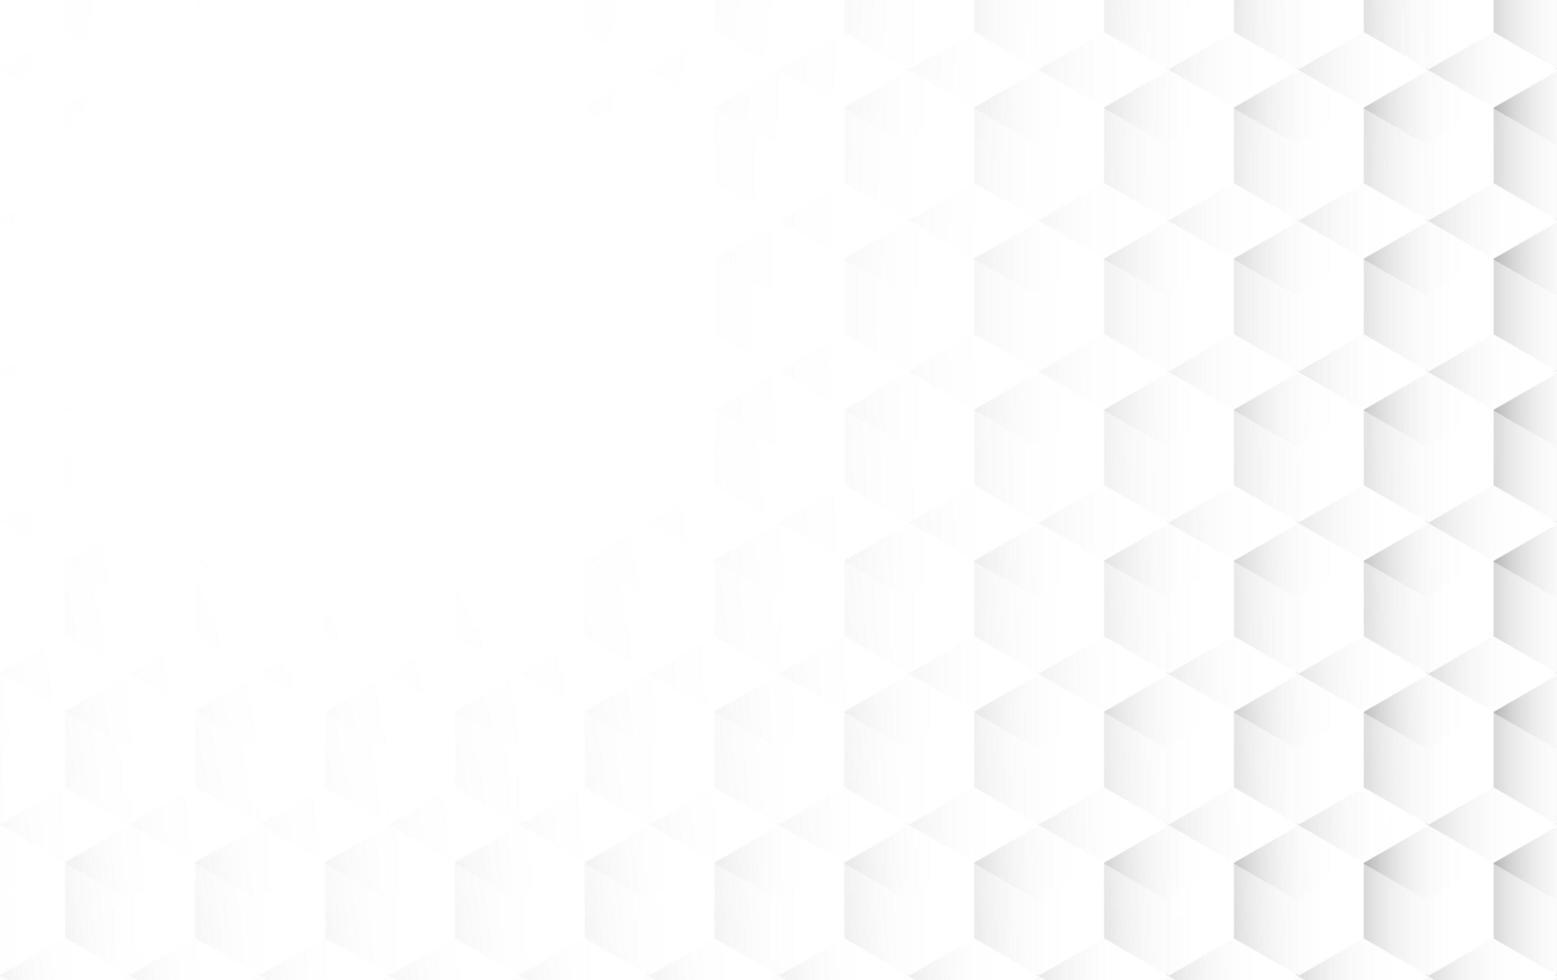 fond cubique blanc abstrait vecteur